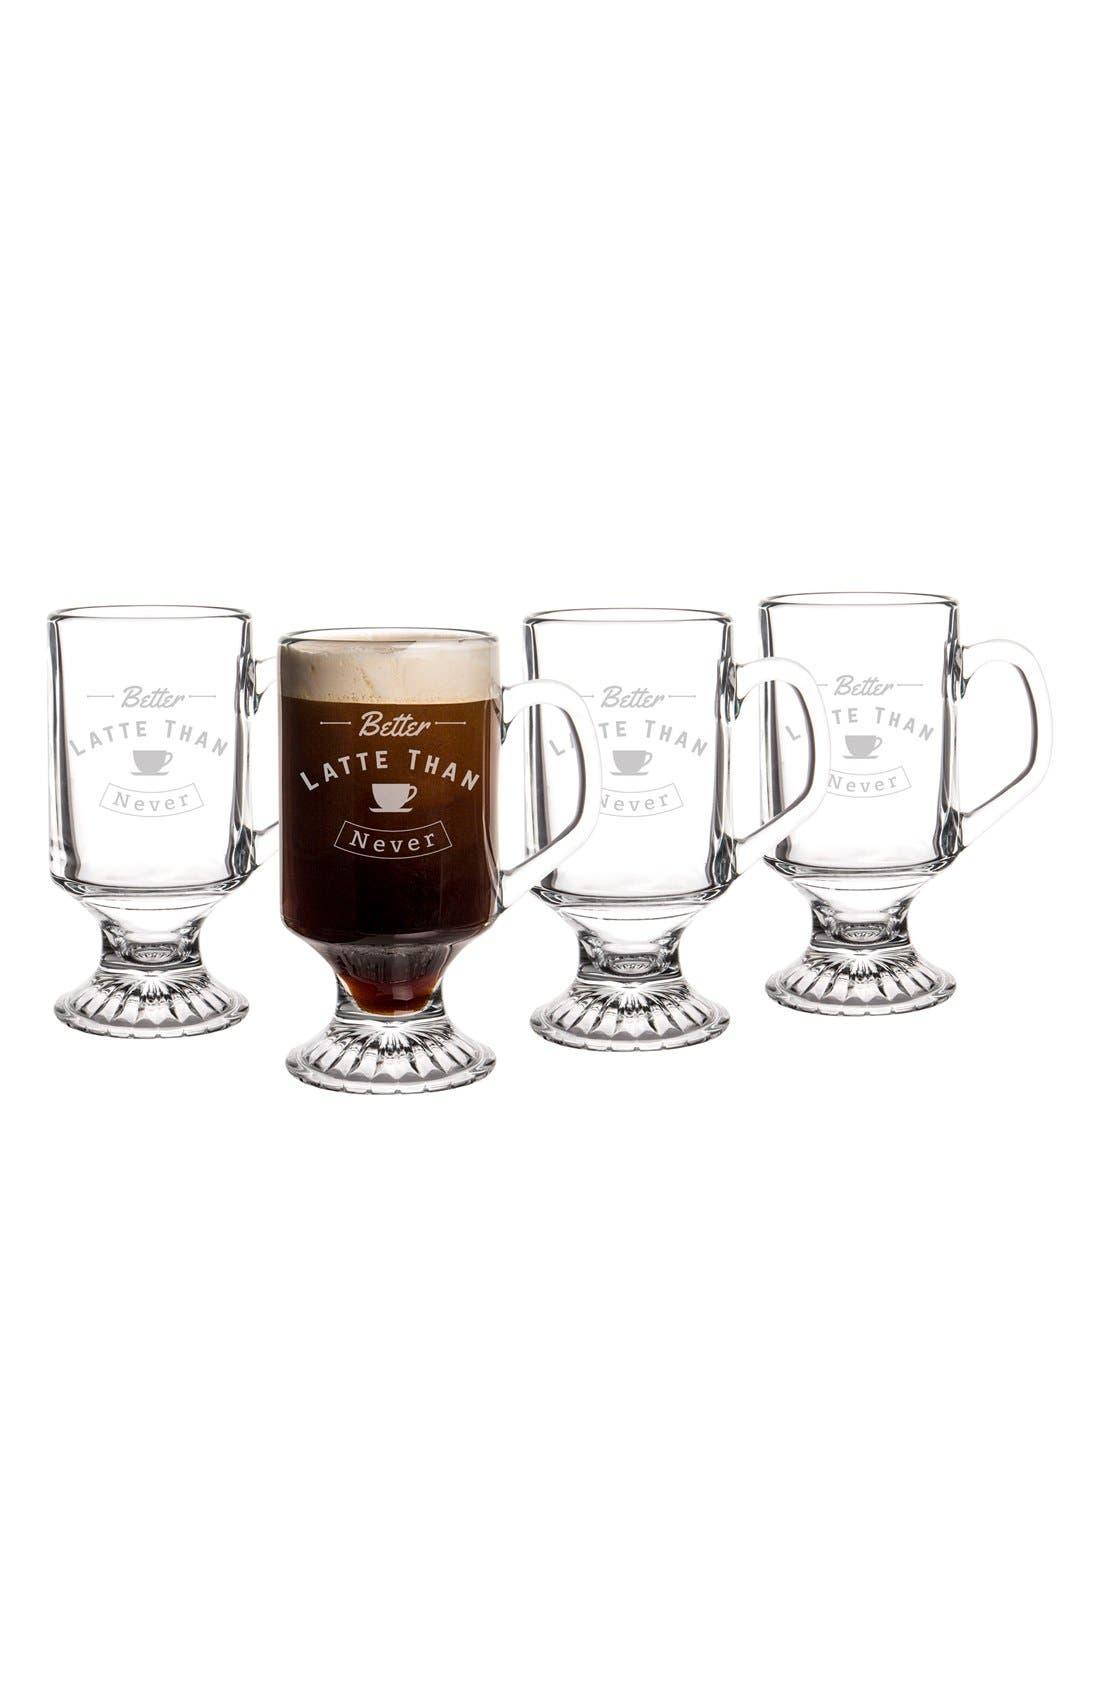 Better Latte Than Never Set of 4 Glass Mugs,                             Alternate thumbnail 3, color,